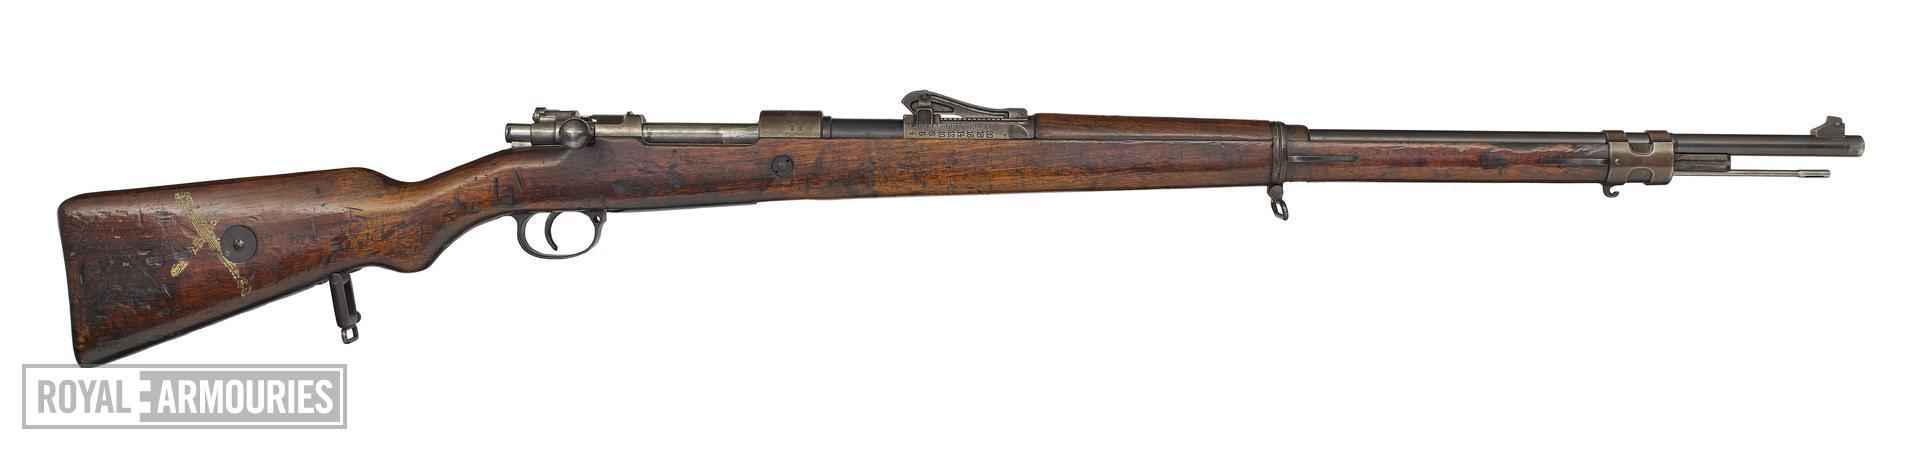 Centrefire bolt-action rifle - Mauser Gewehr 98 (about 1916)(1).jpg